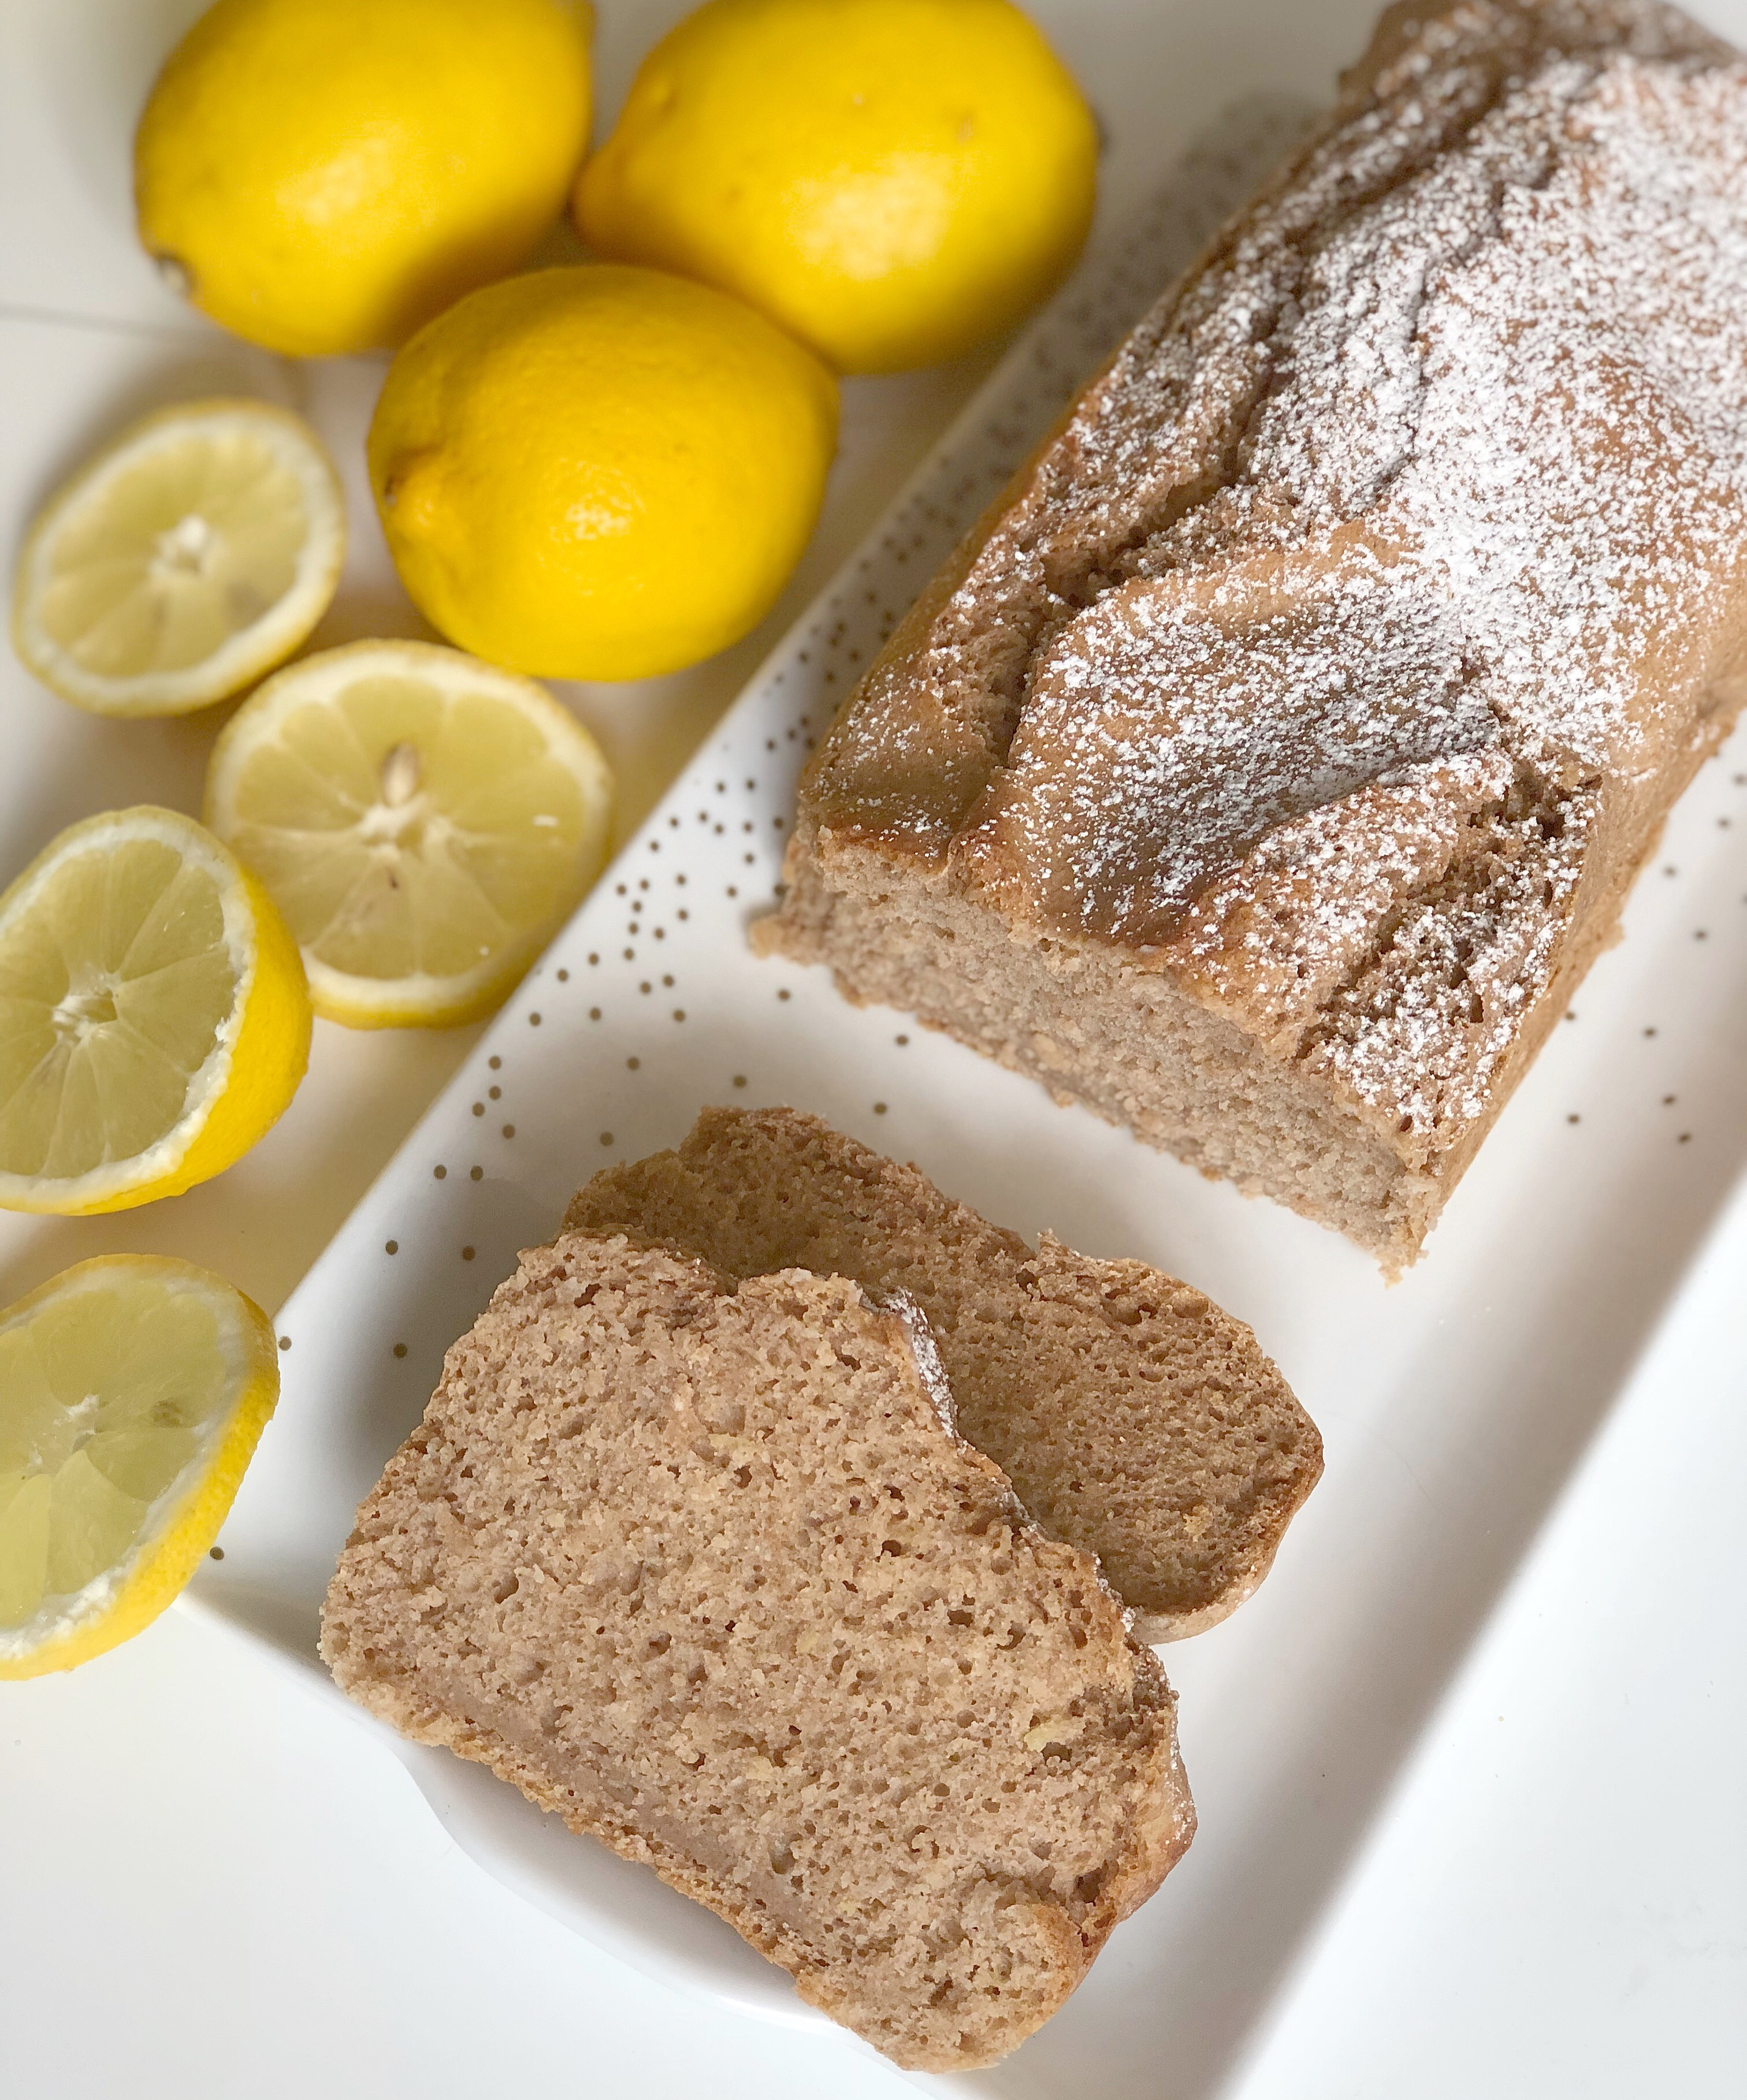 Torta Integrale al Limone Senza Burro, un dolce goloso e leggero di dolci senza burro